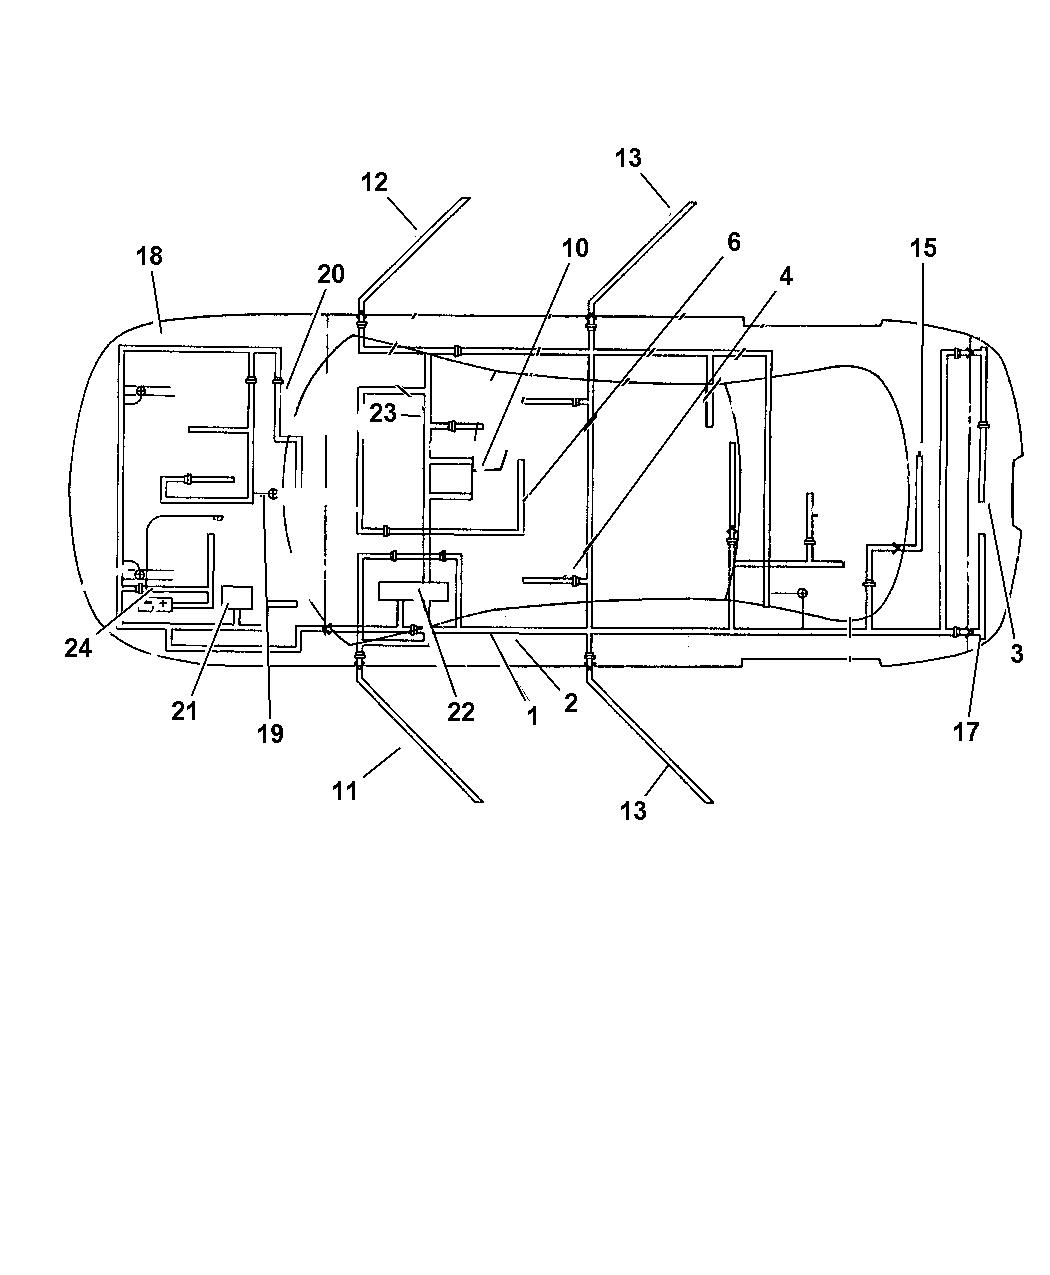 Wiring Diagram PDF: 2003 Chrysler Concorde Wiring Diagram